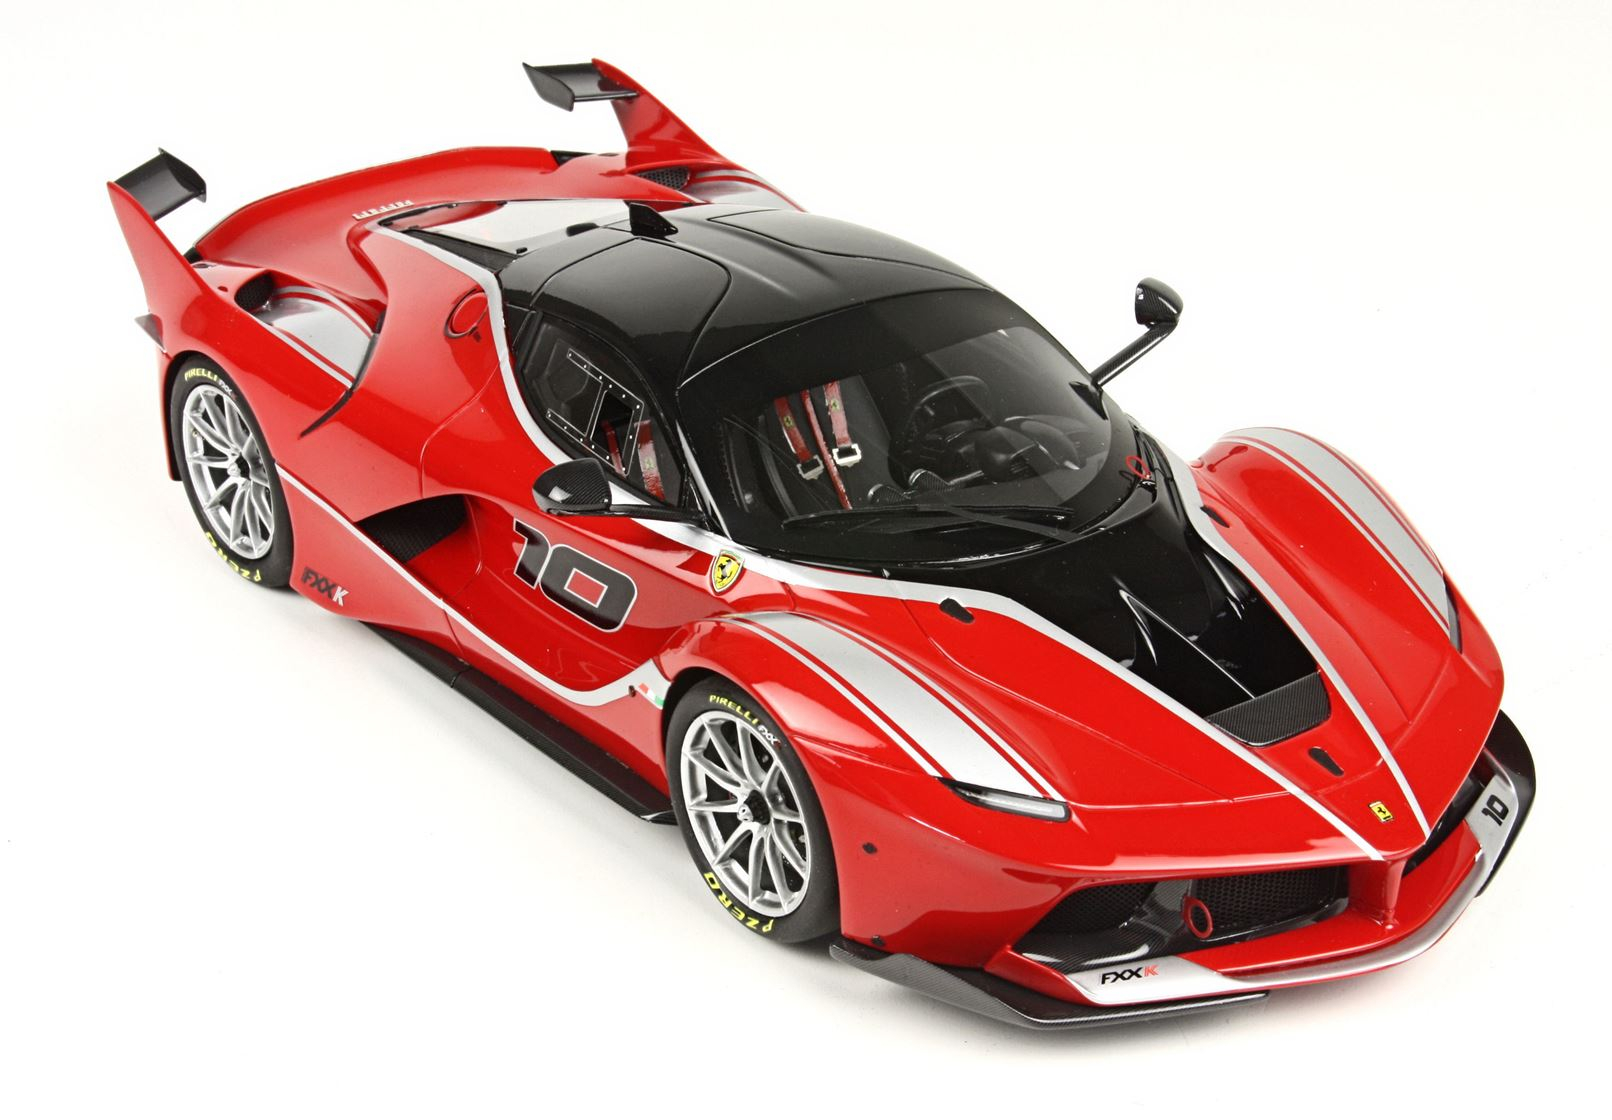 Ferrari Fxx K Rosso Tristrato Ltd 150 Pcs 1/18